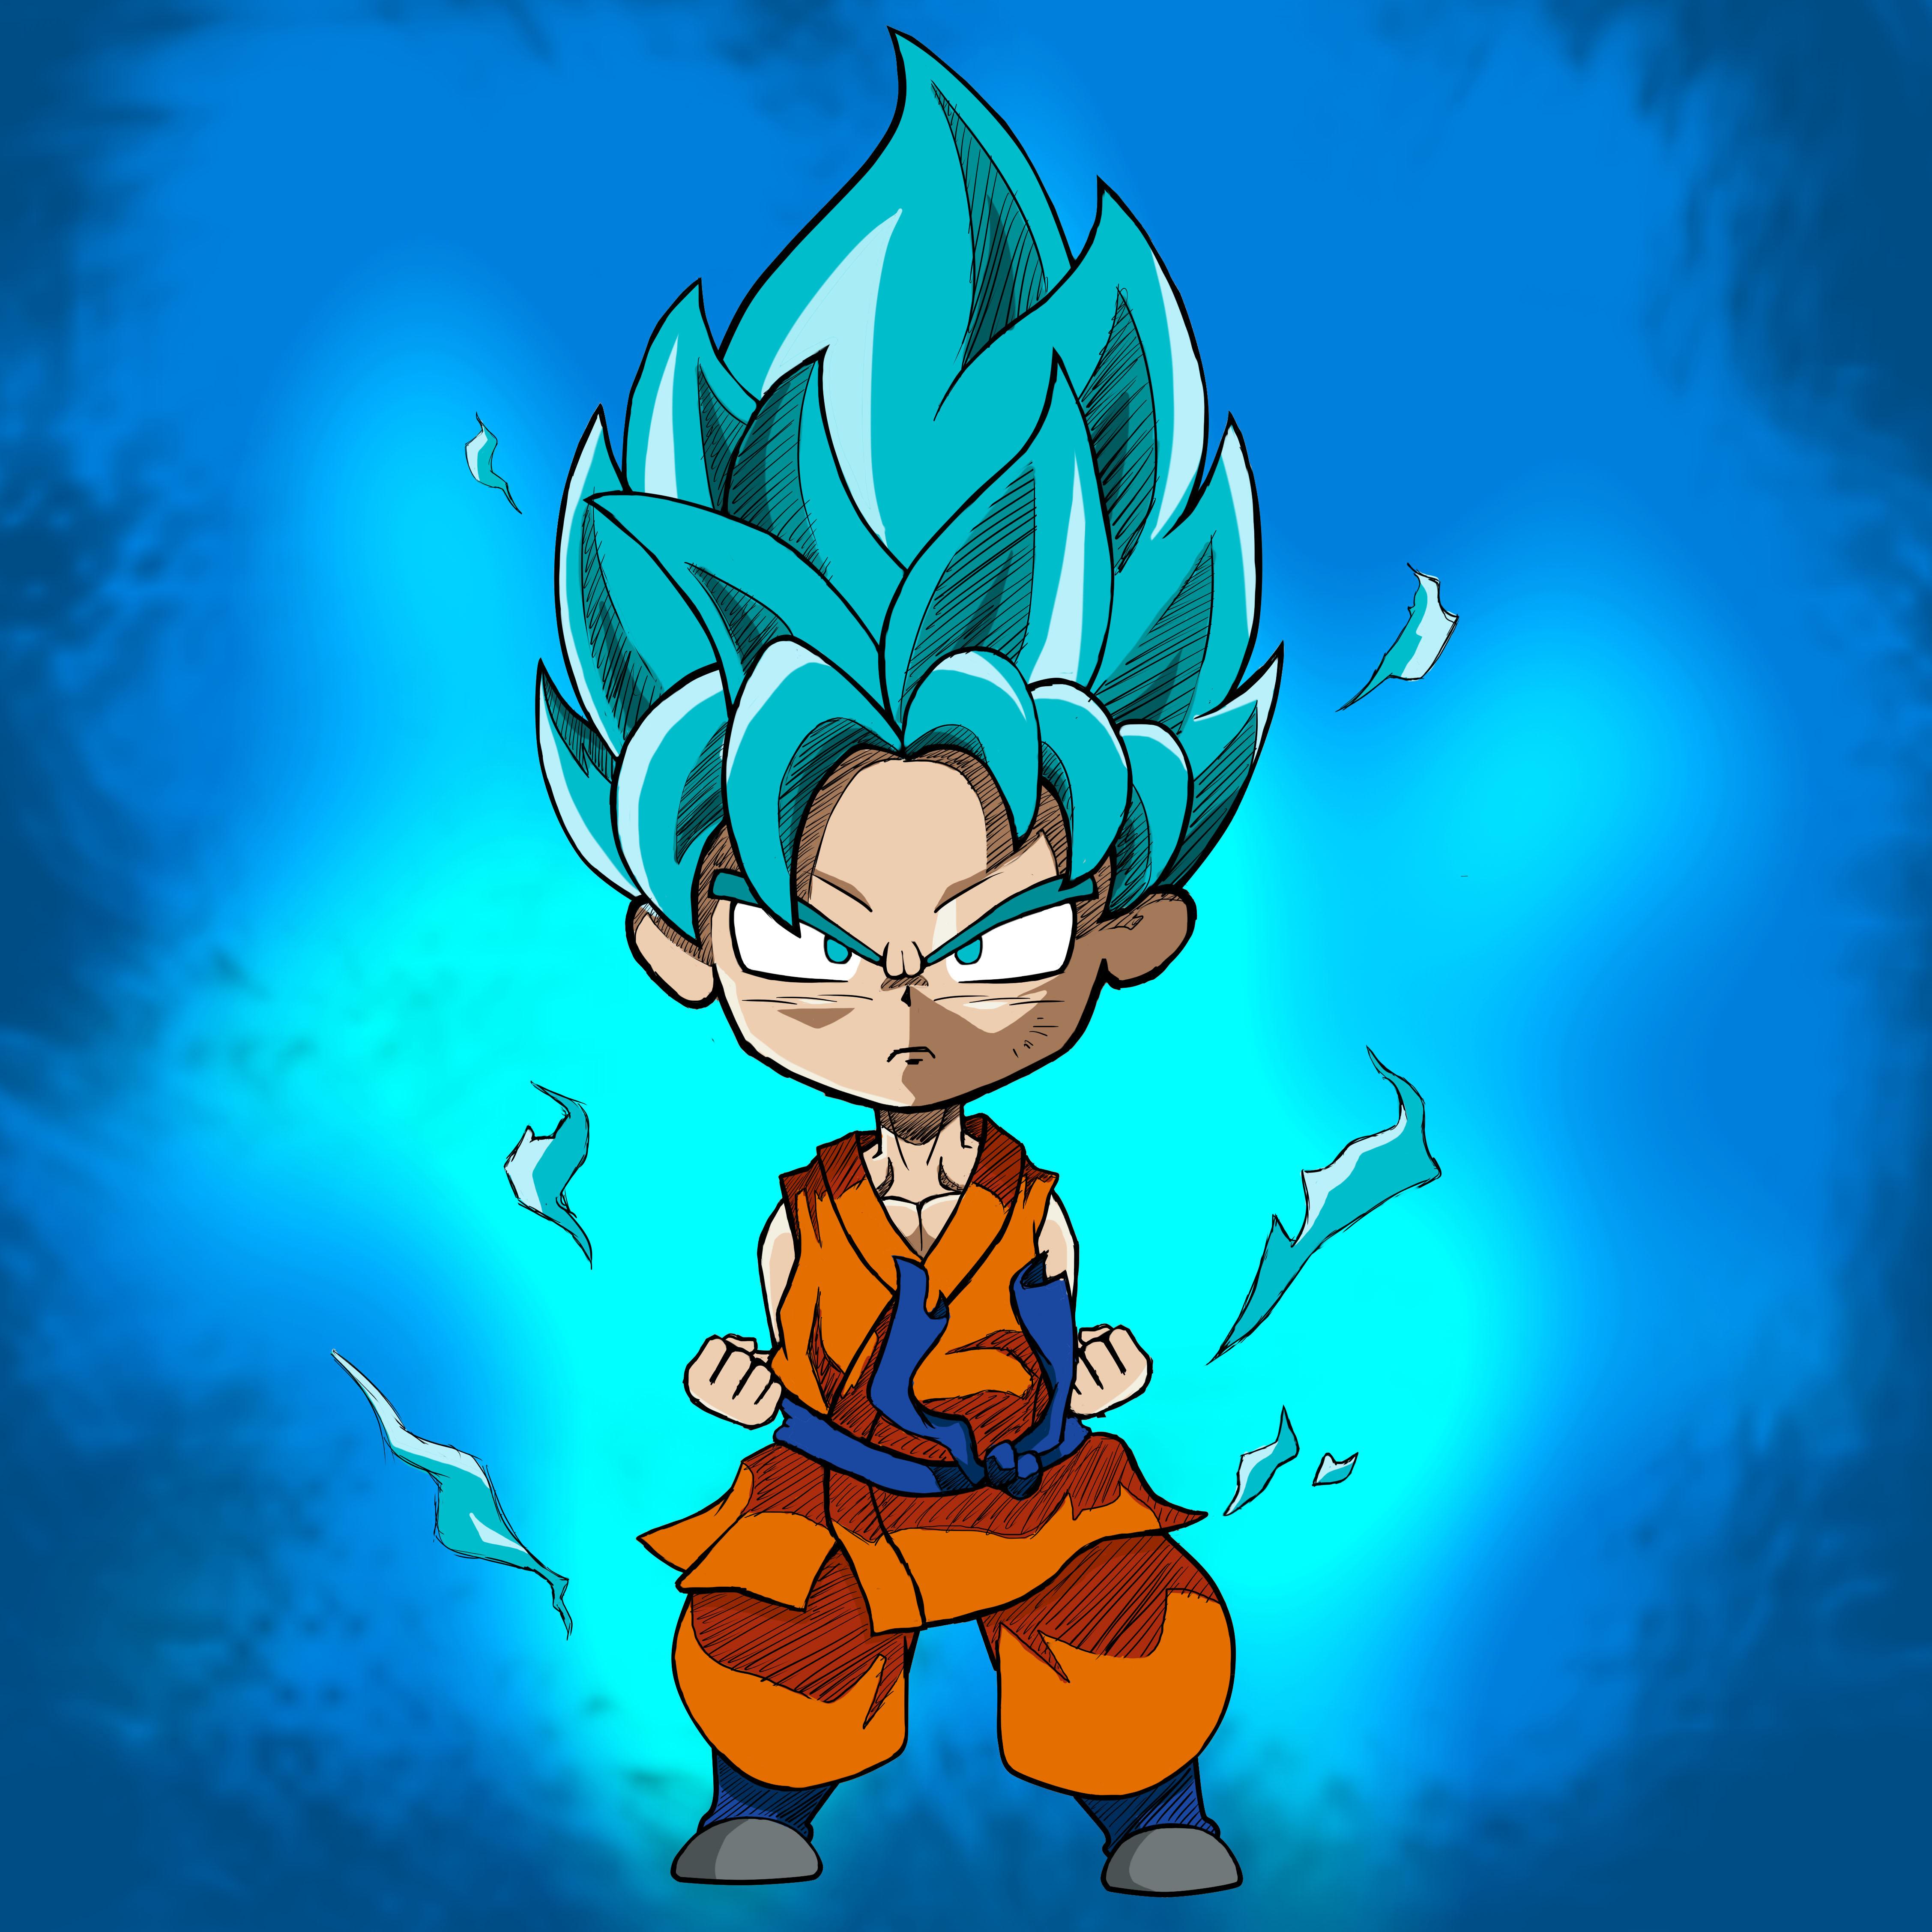 Son Goku SuperSaiyajin God